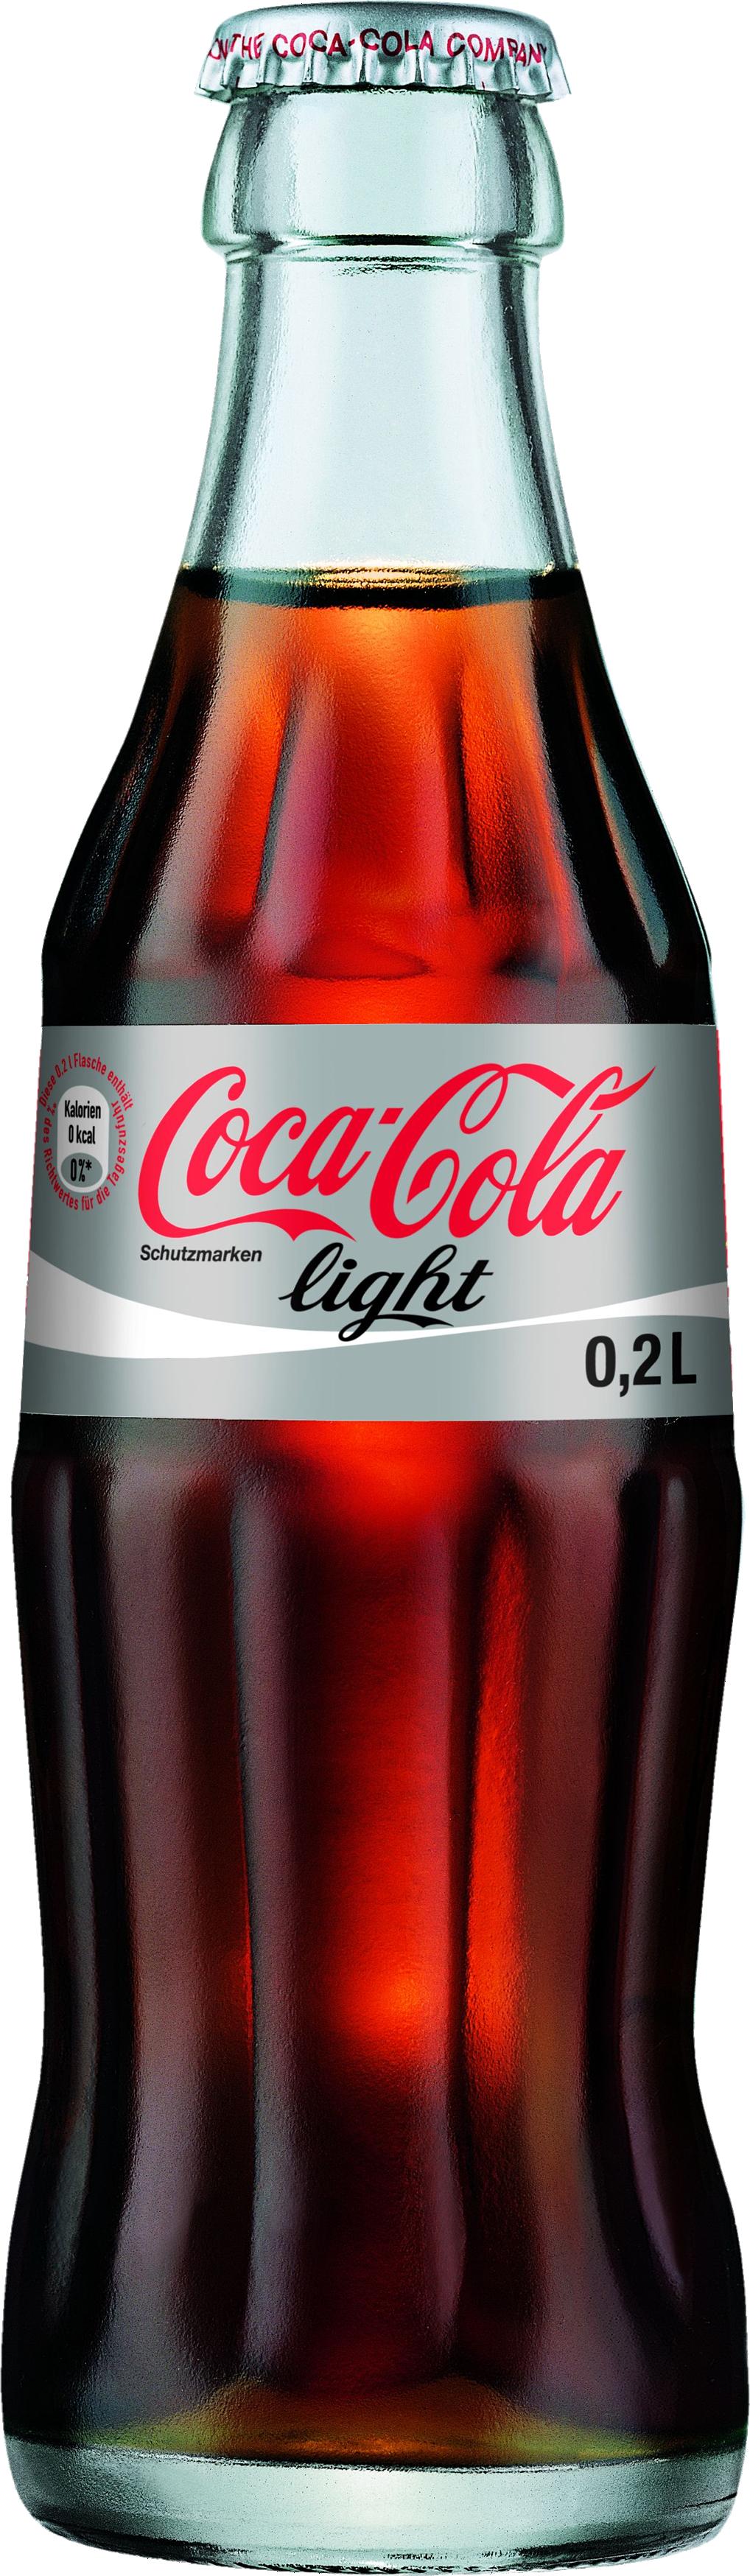 Diet coke bottle png. Coca cola images free